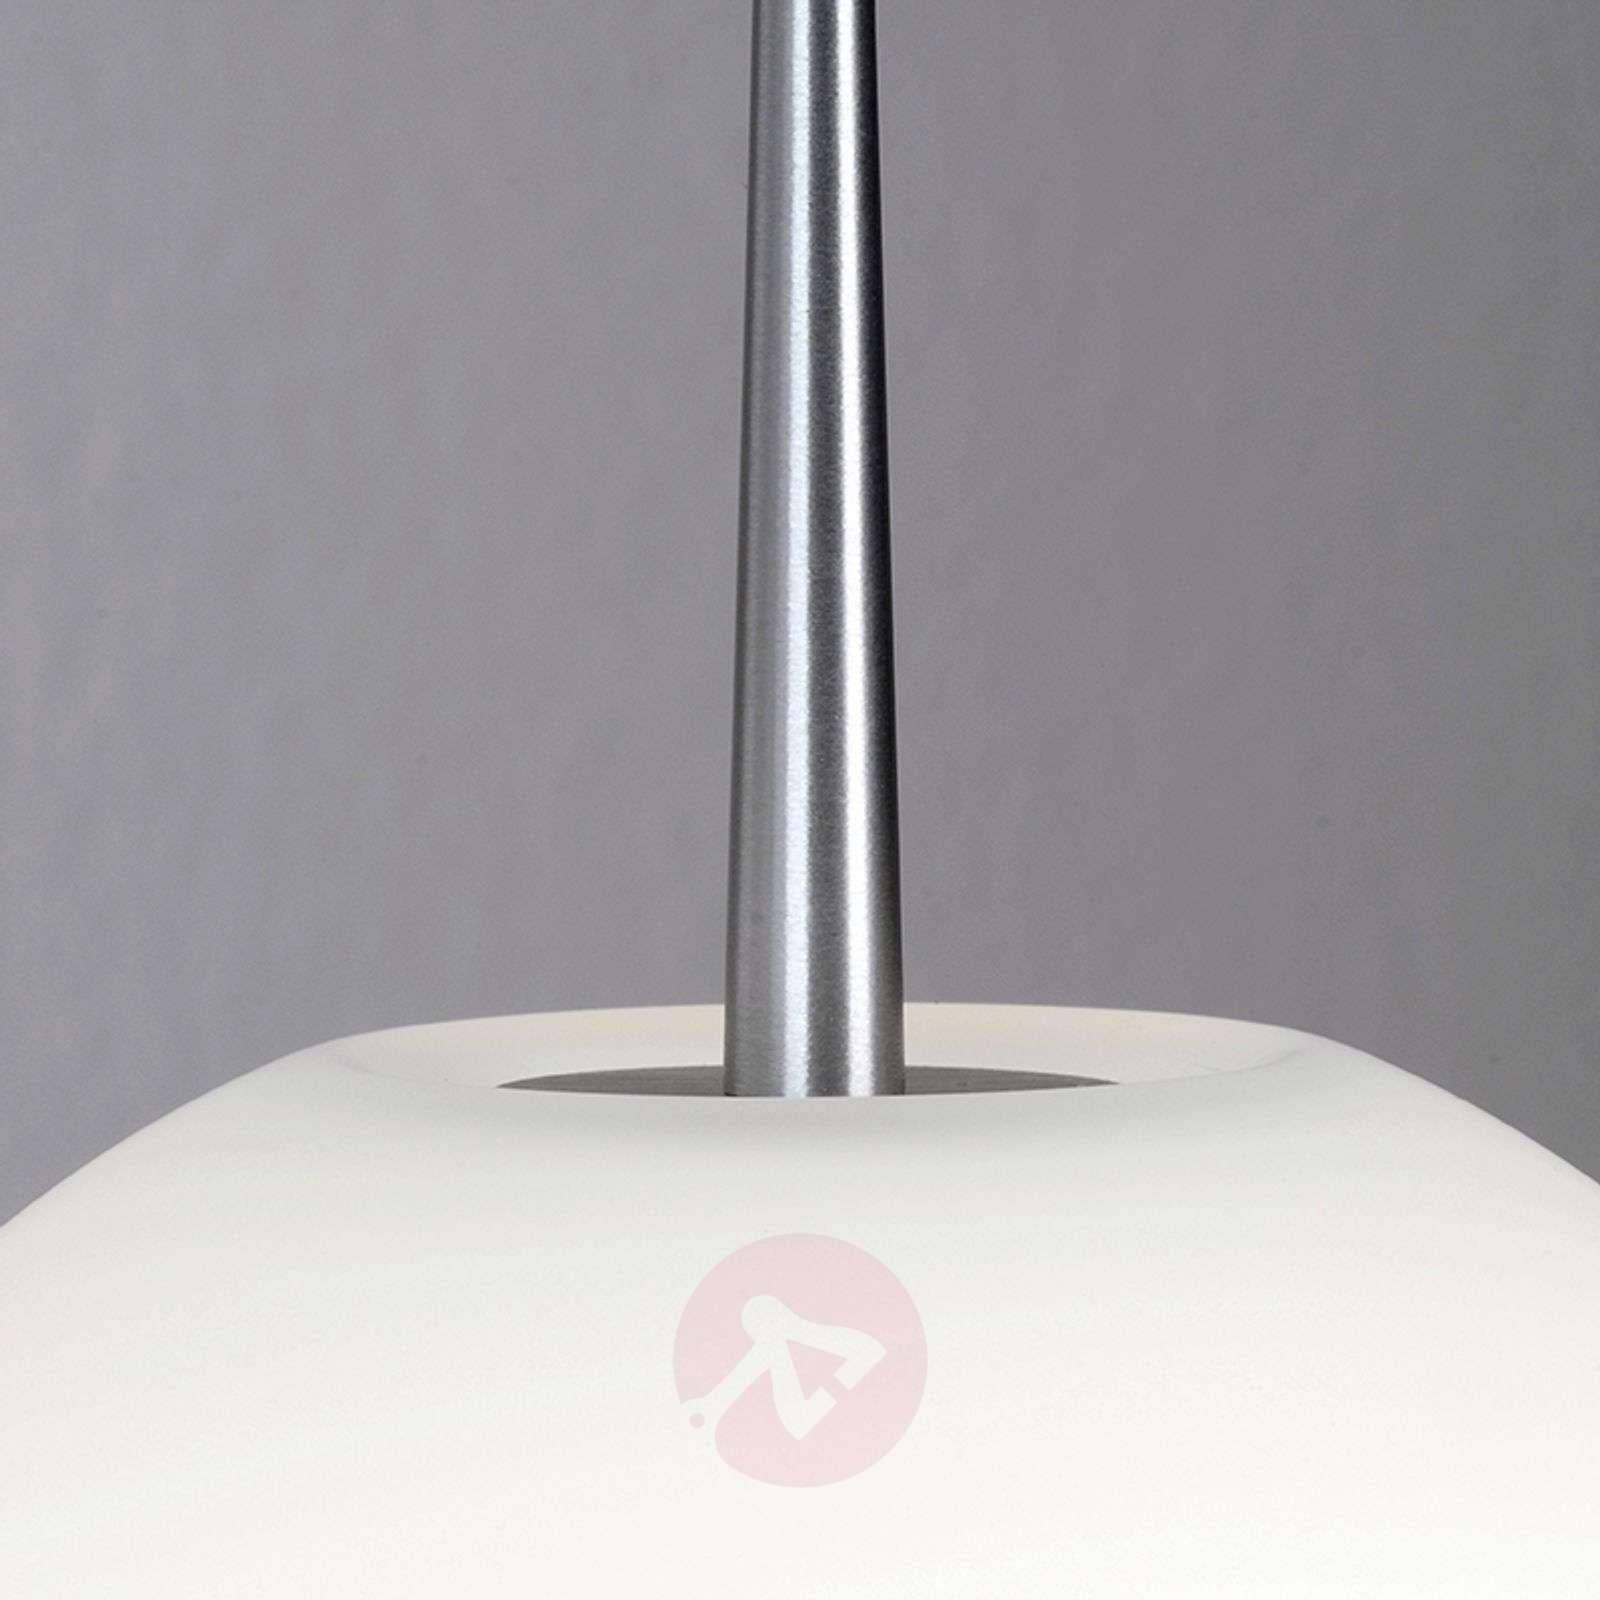 Casablanca Ball-riippuvalaisin, kolmilamppuinen-2000233-01